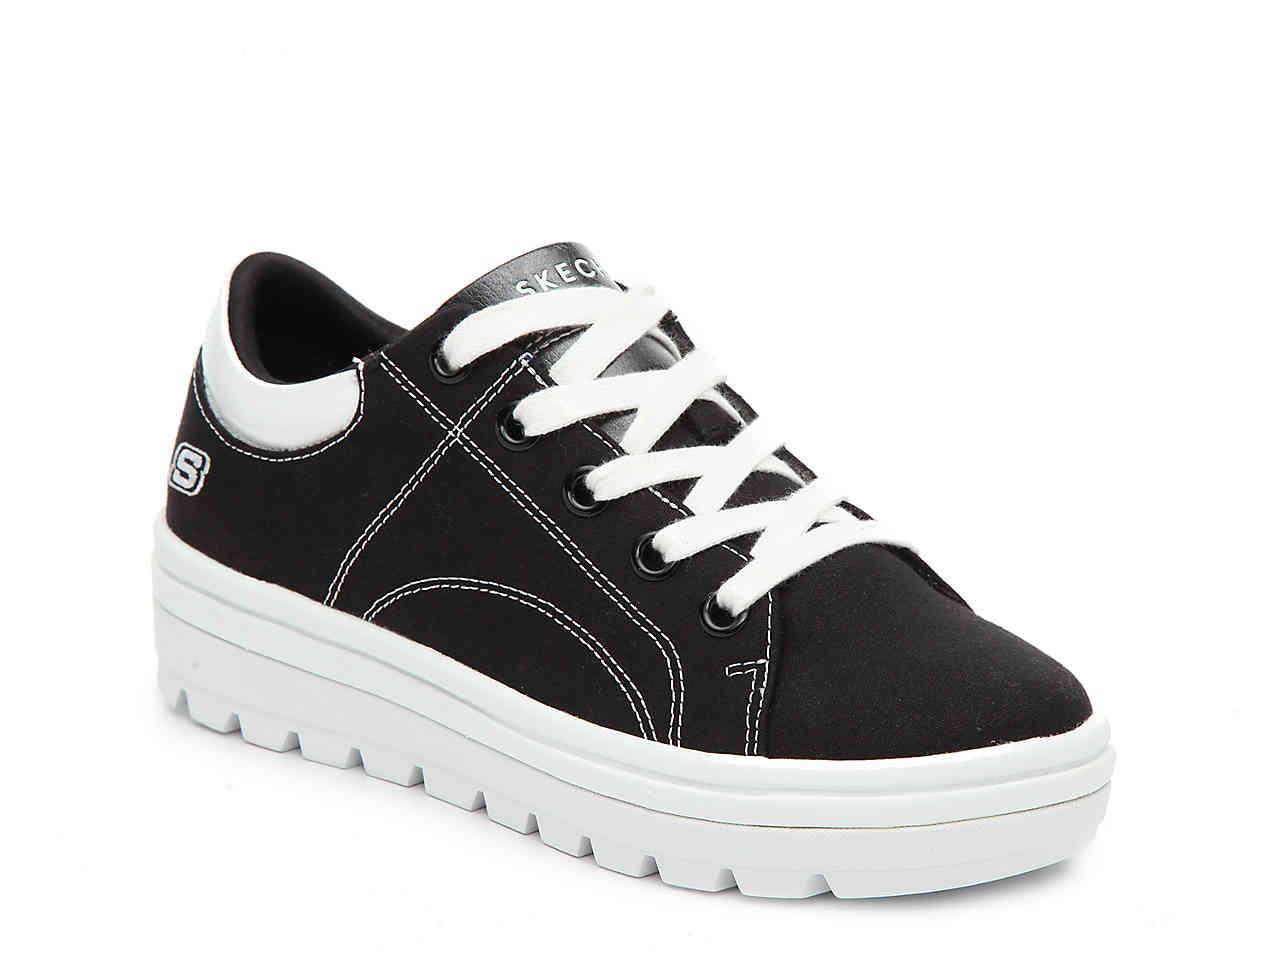 02b7d81f73b Lyst - Skechers Street Cleat Back Again Platform Sneaker in Black